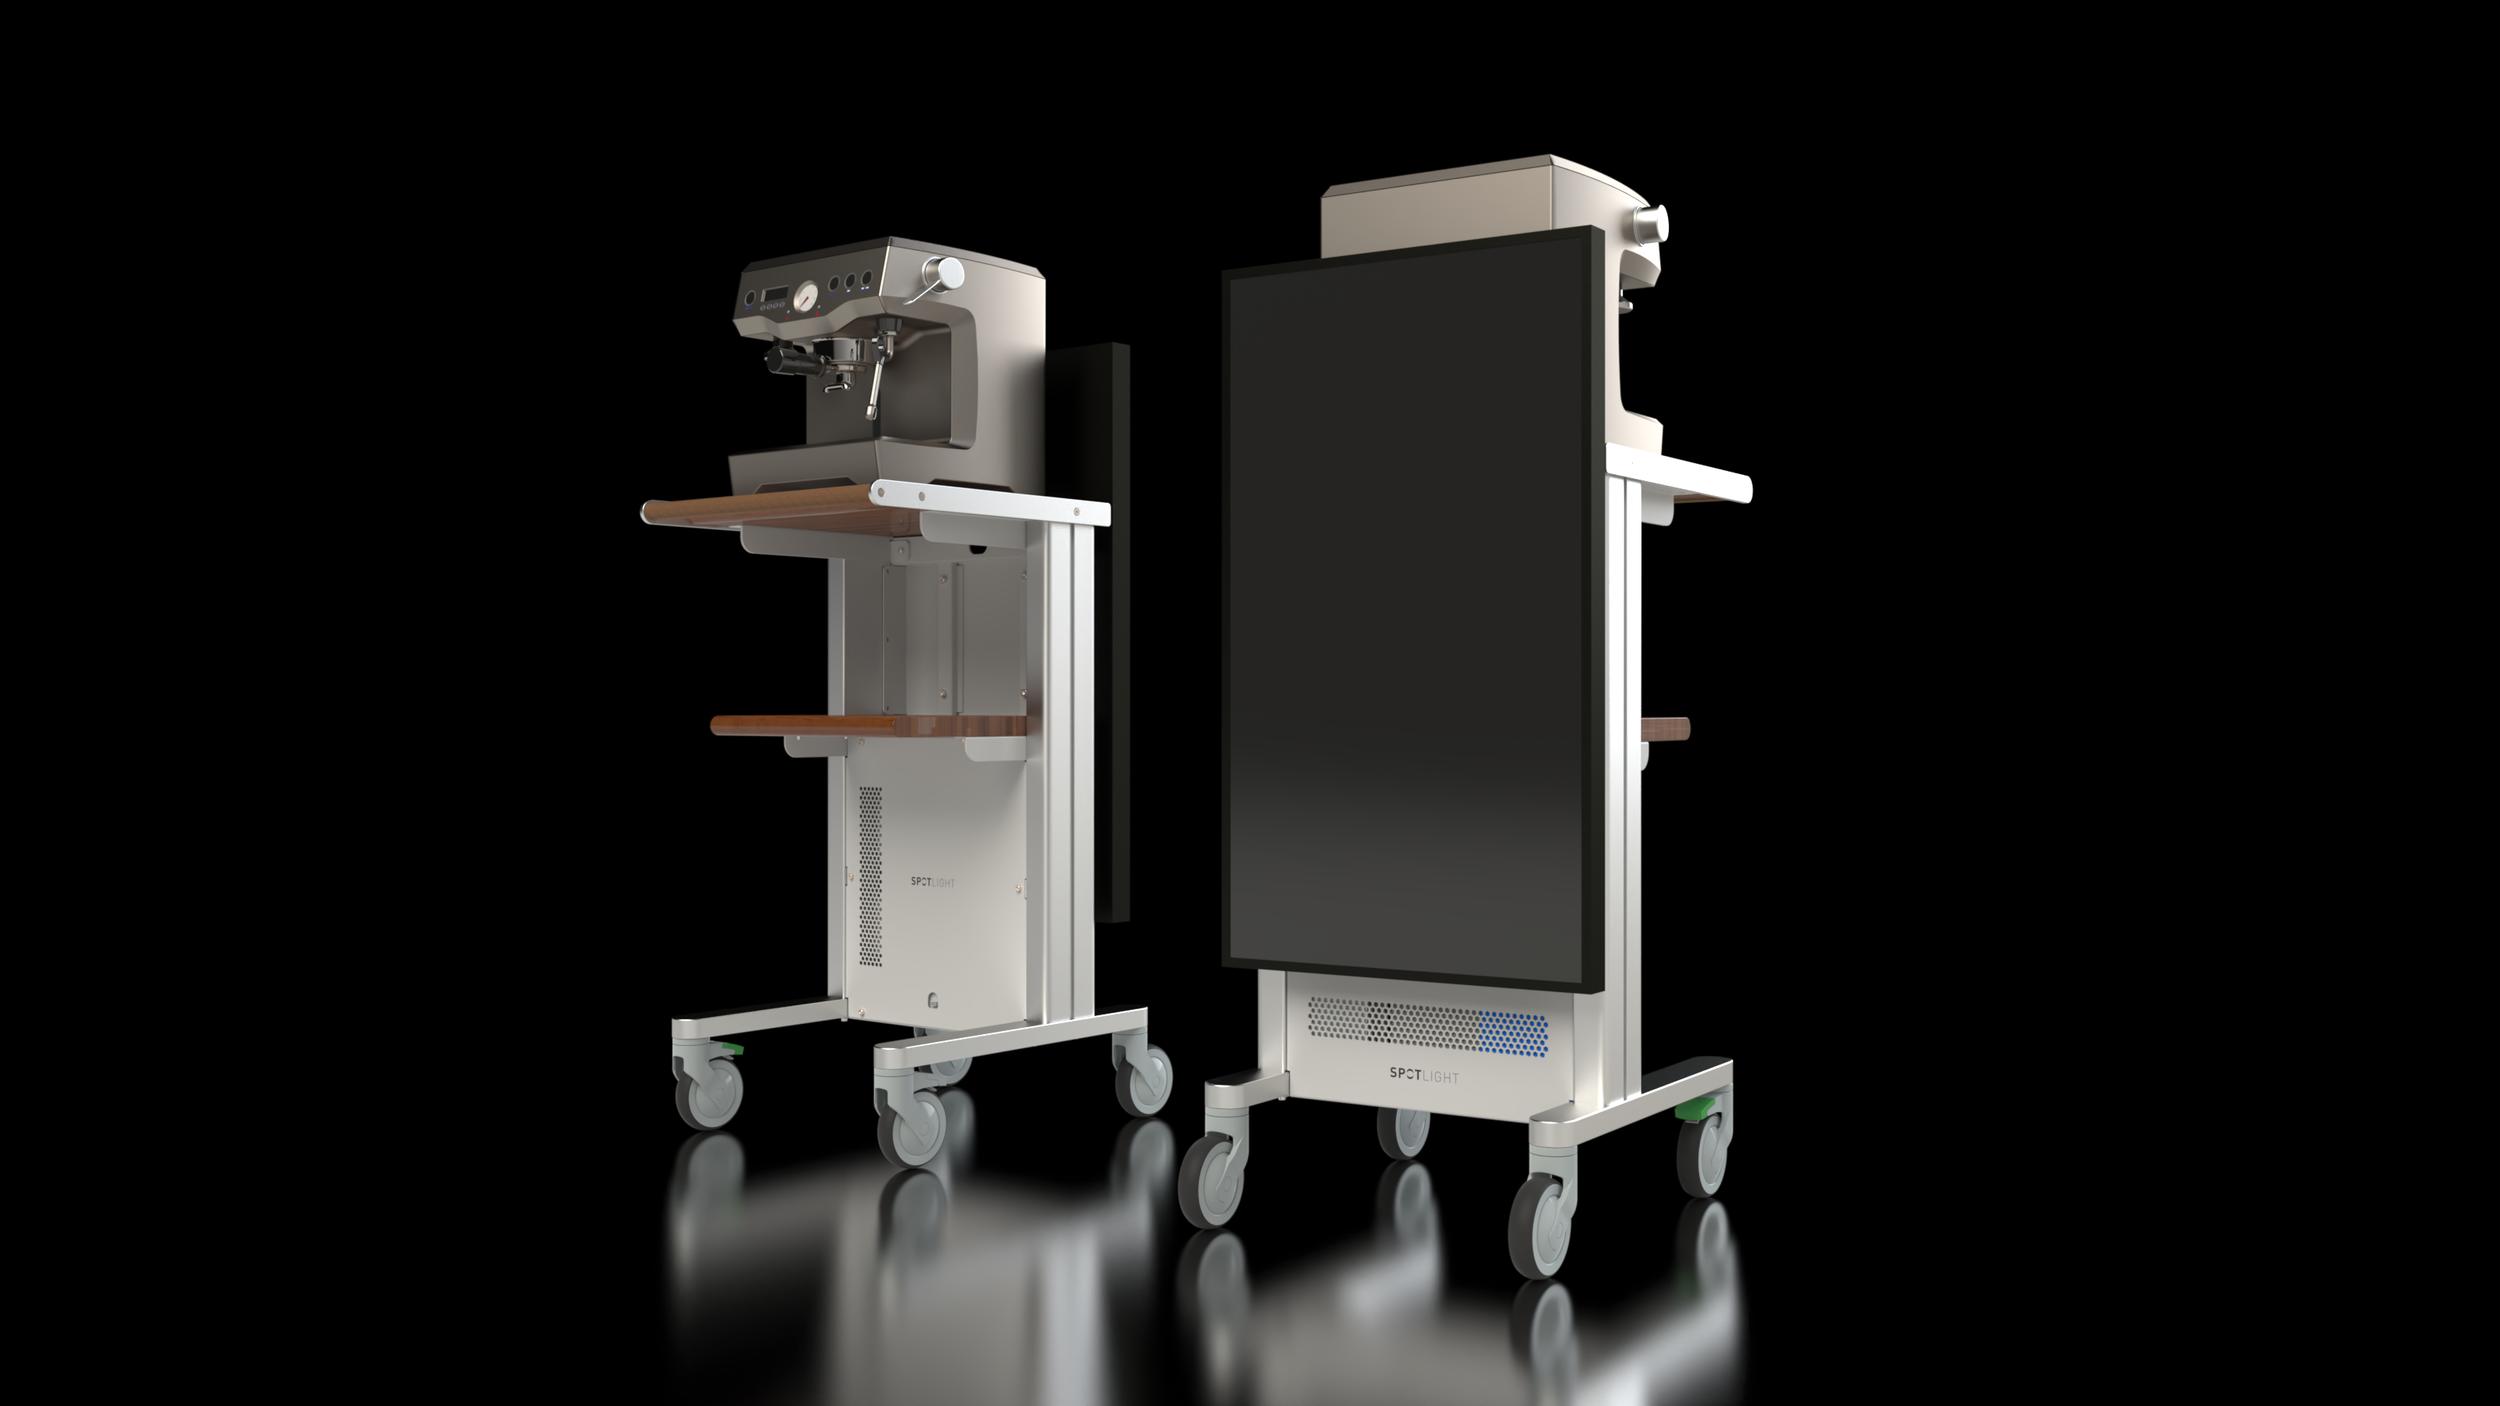 smart-shelving-shelf-display-mobile-powered